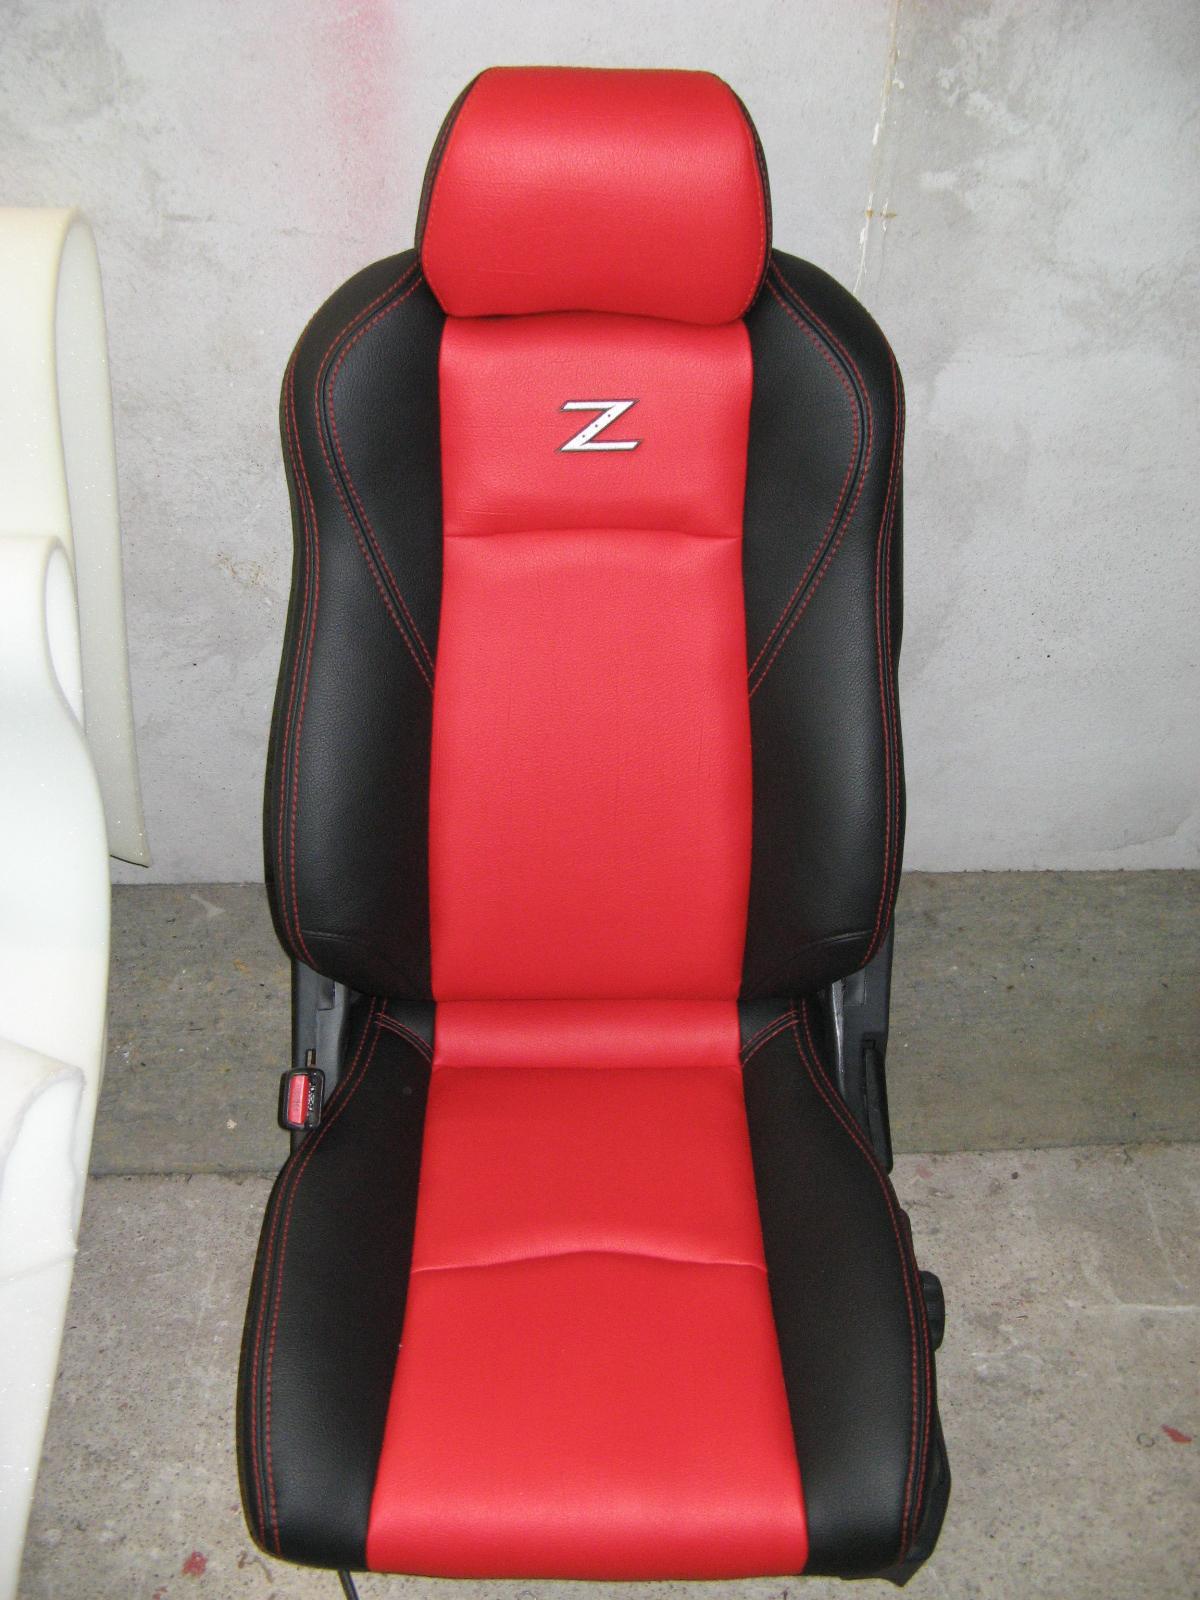 Nisan.Z350